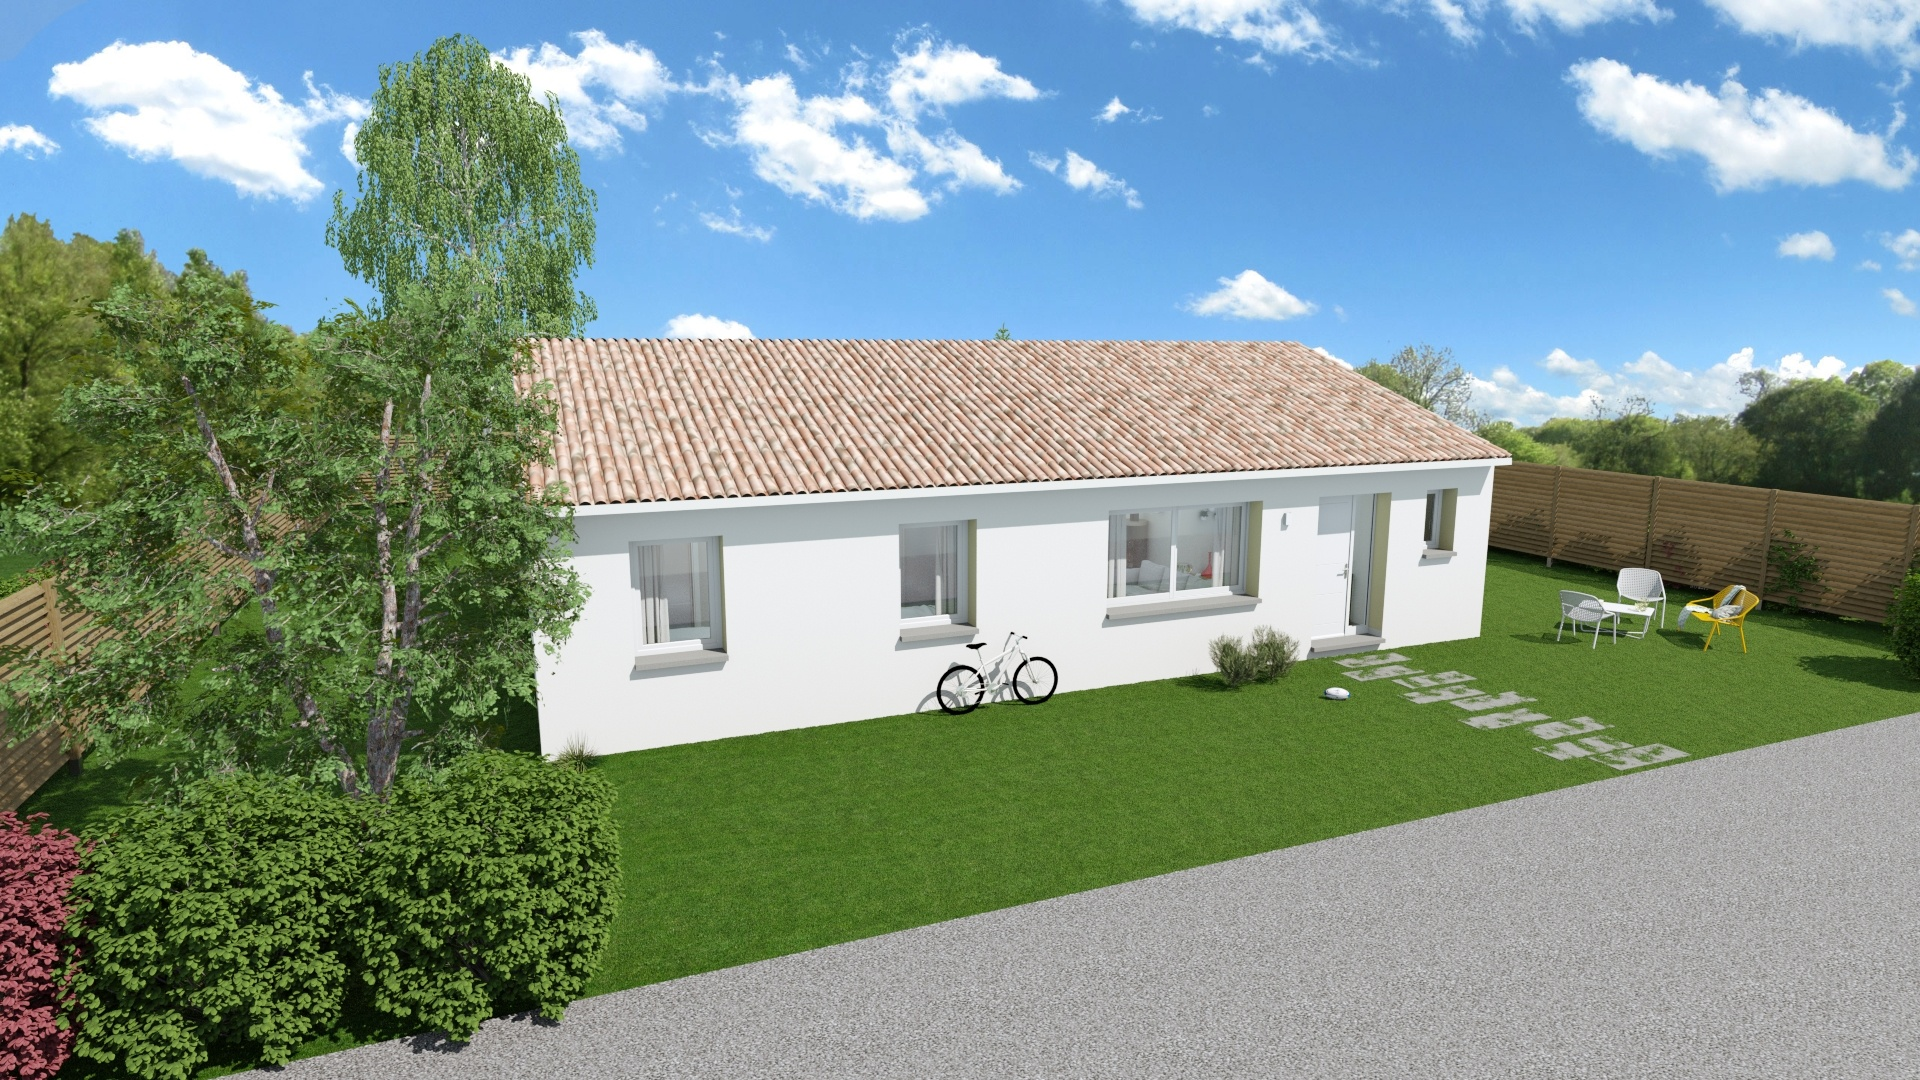 Maisons + Terrains du constructeur Maison Familiale Toulouse • 117 m² • VERNET